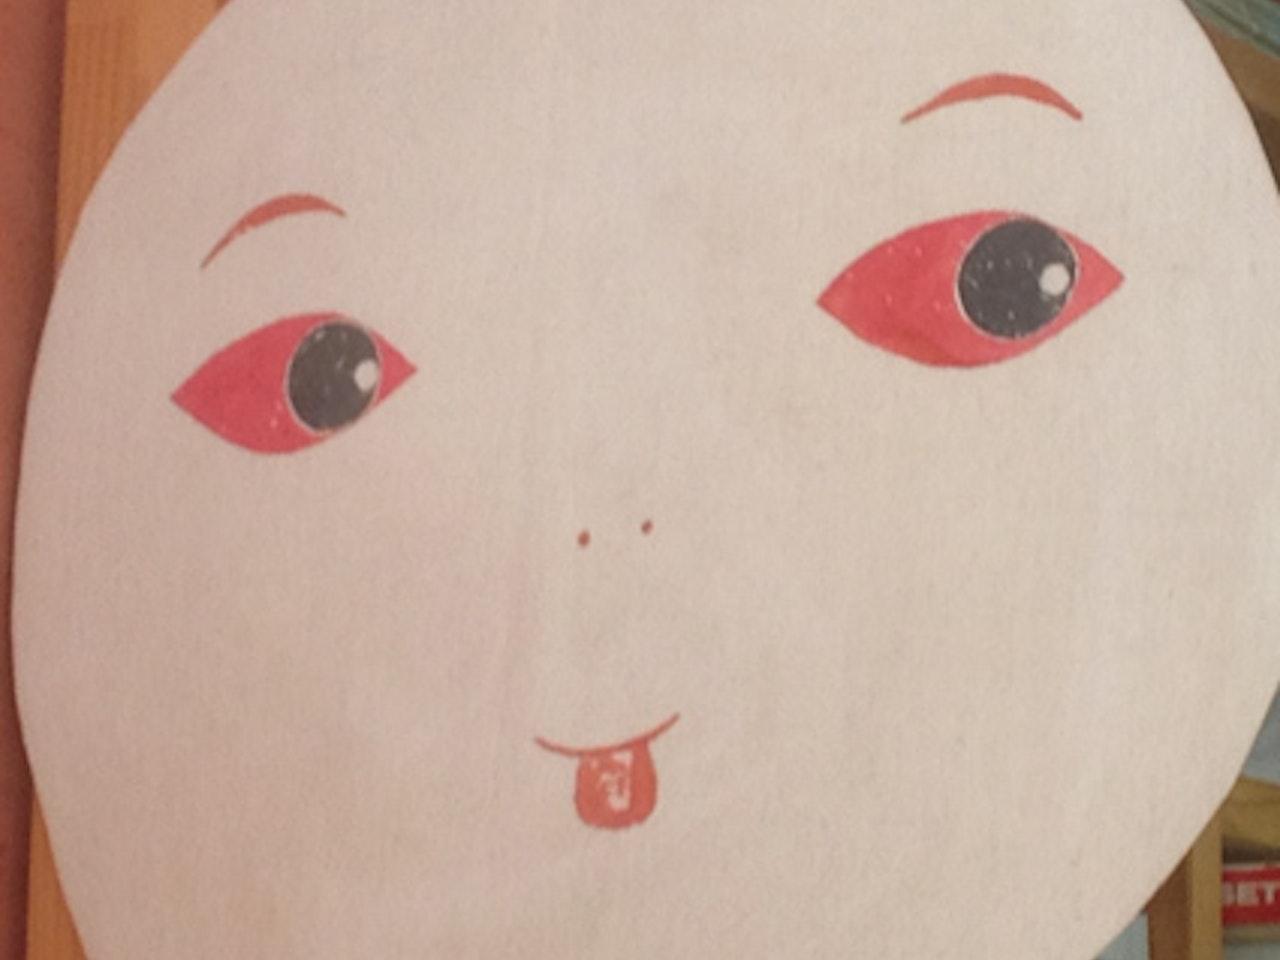 Japan Residency 17 May - 12 August 2014